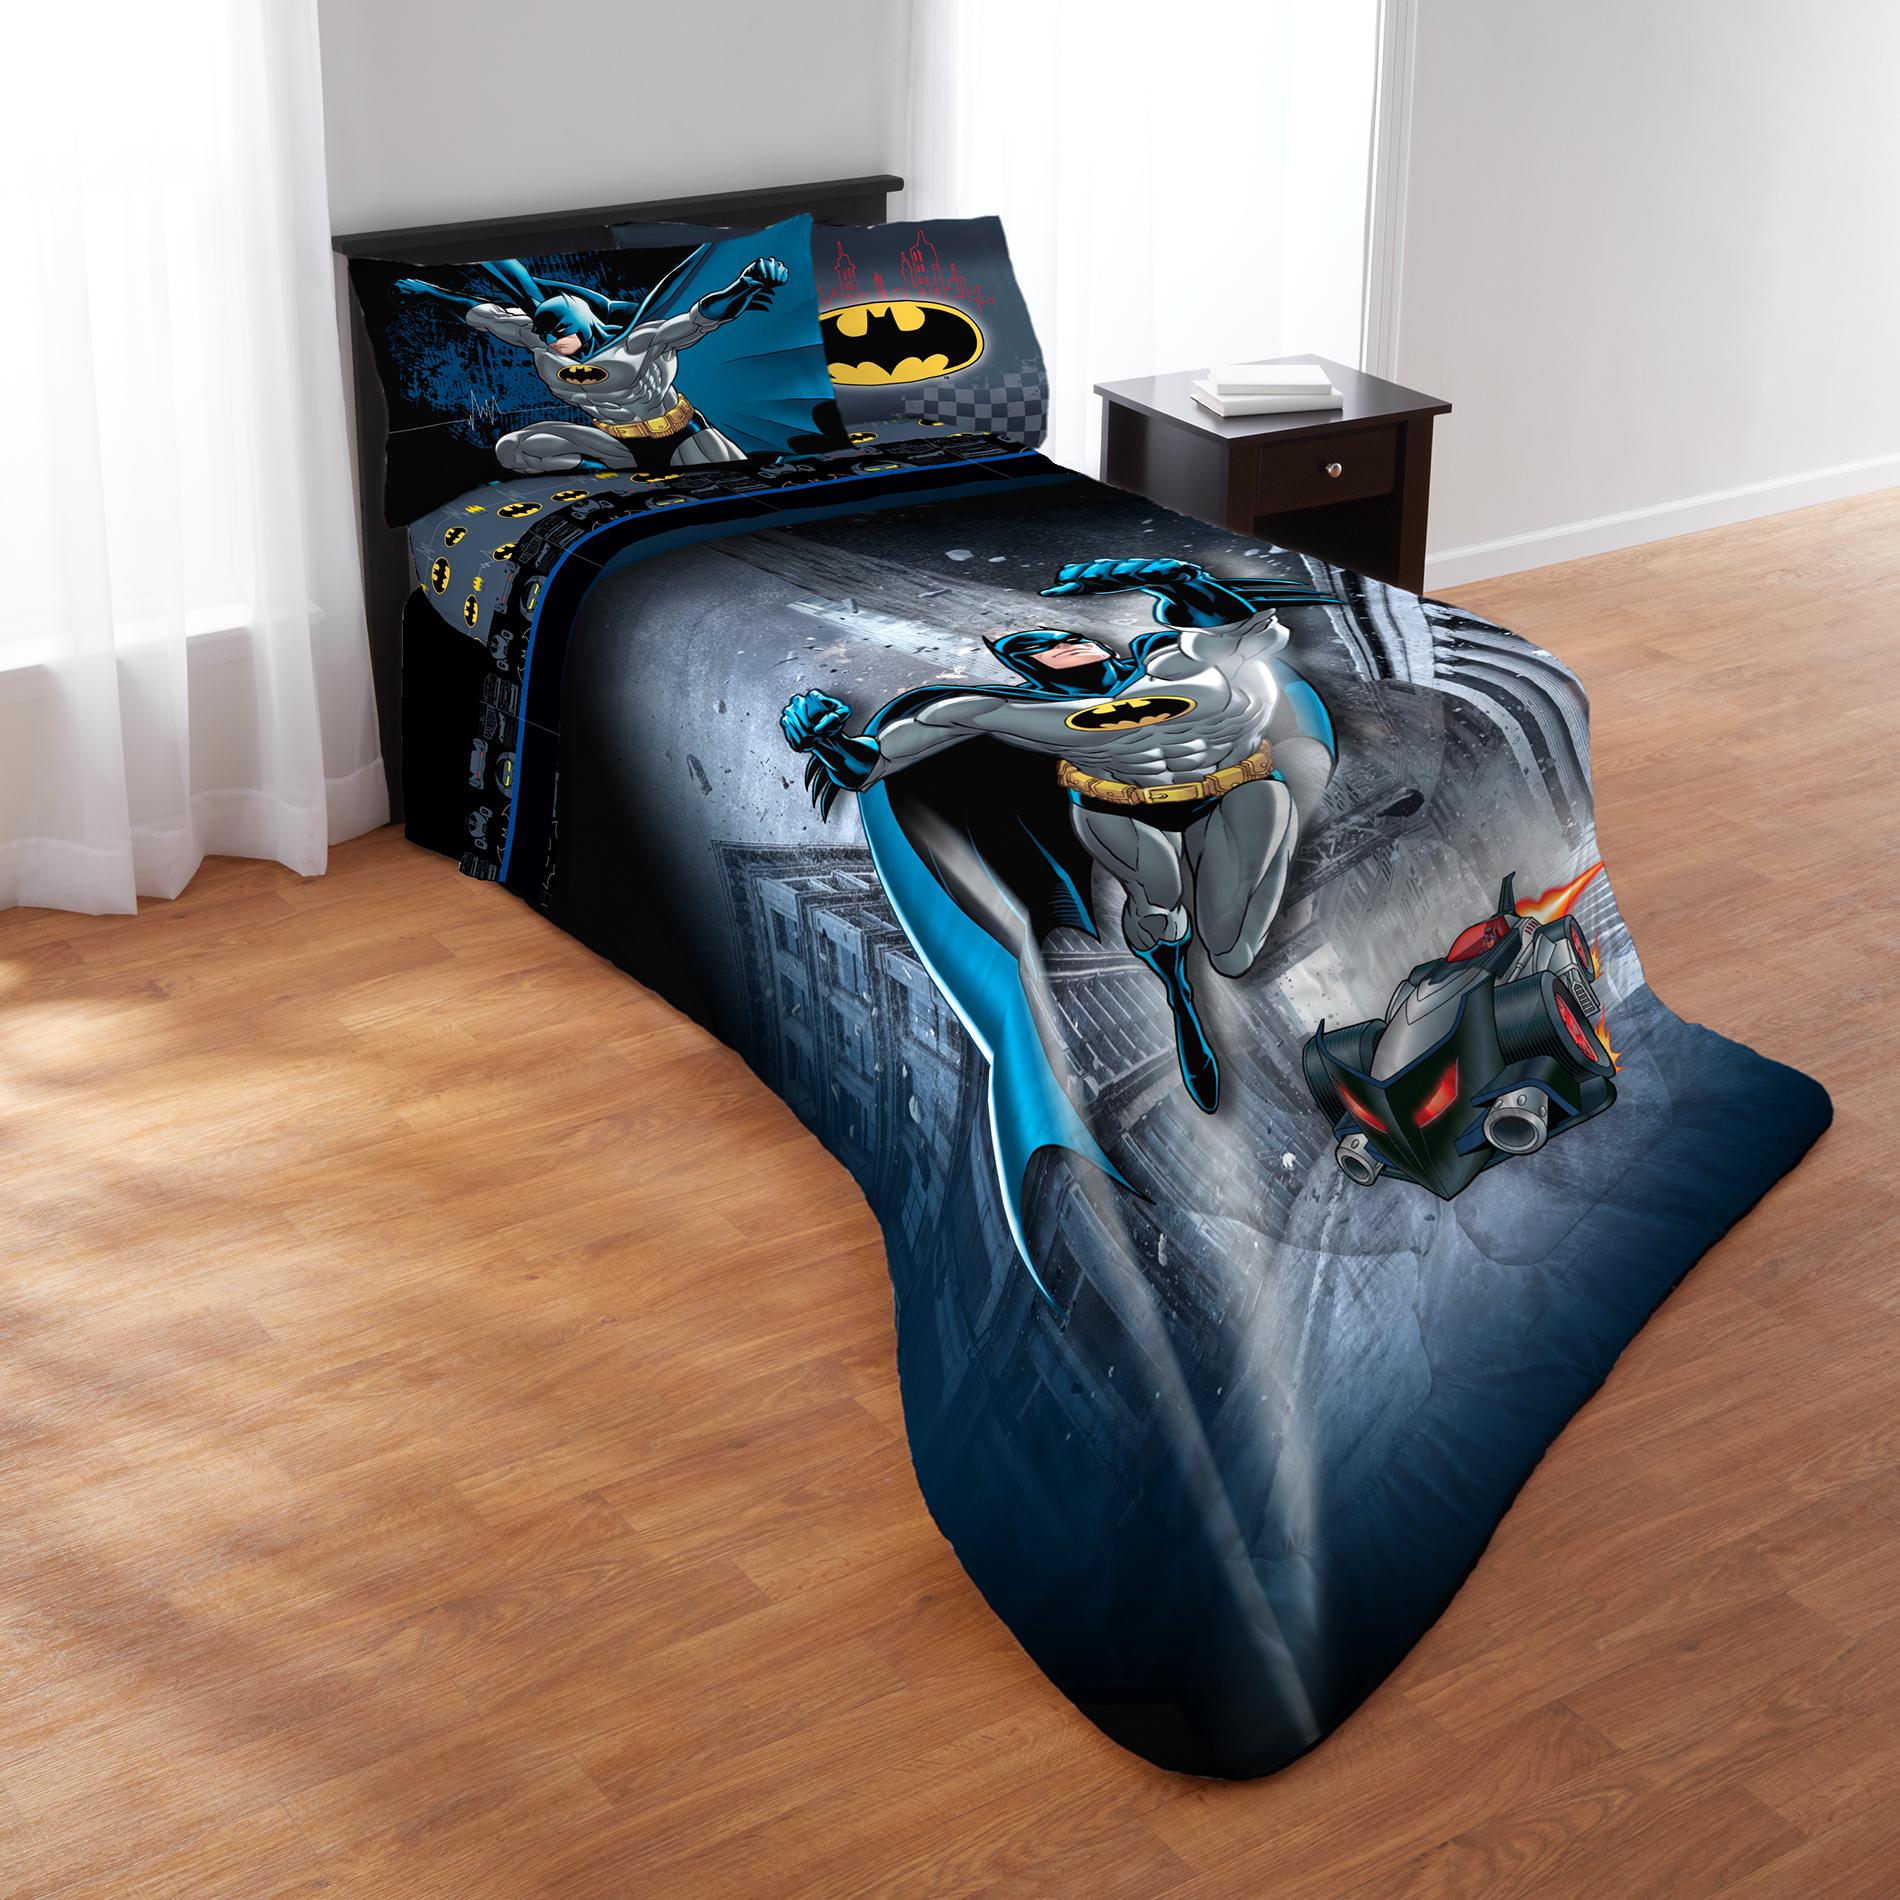 Batman Mask Bedding Set Duvet Cover+Sheet+Pillow Case Four-Piece Fitted Sheet